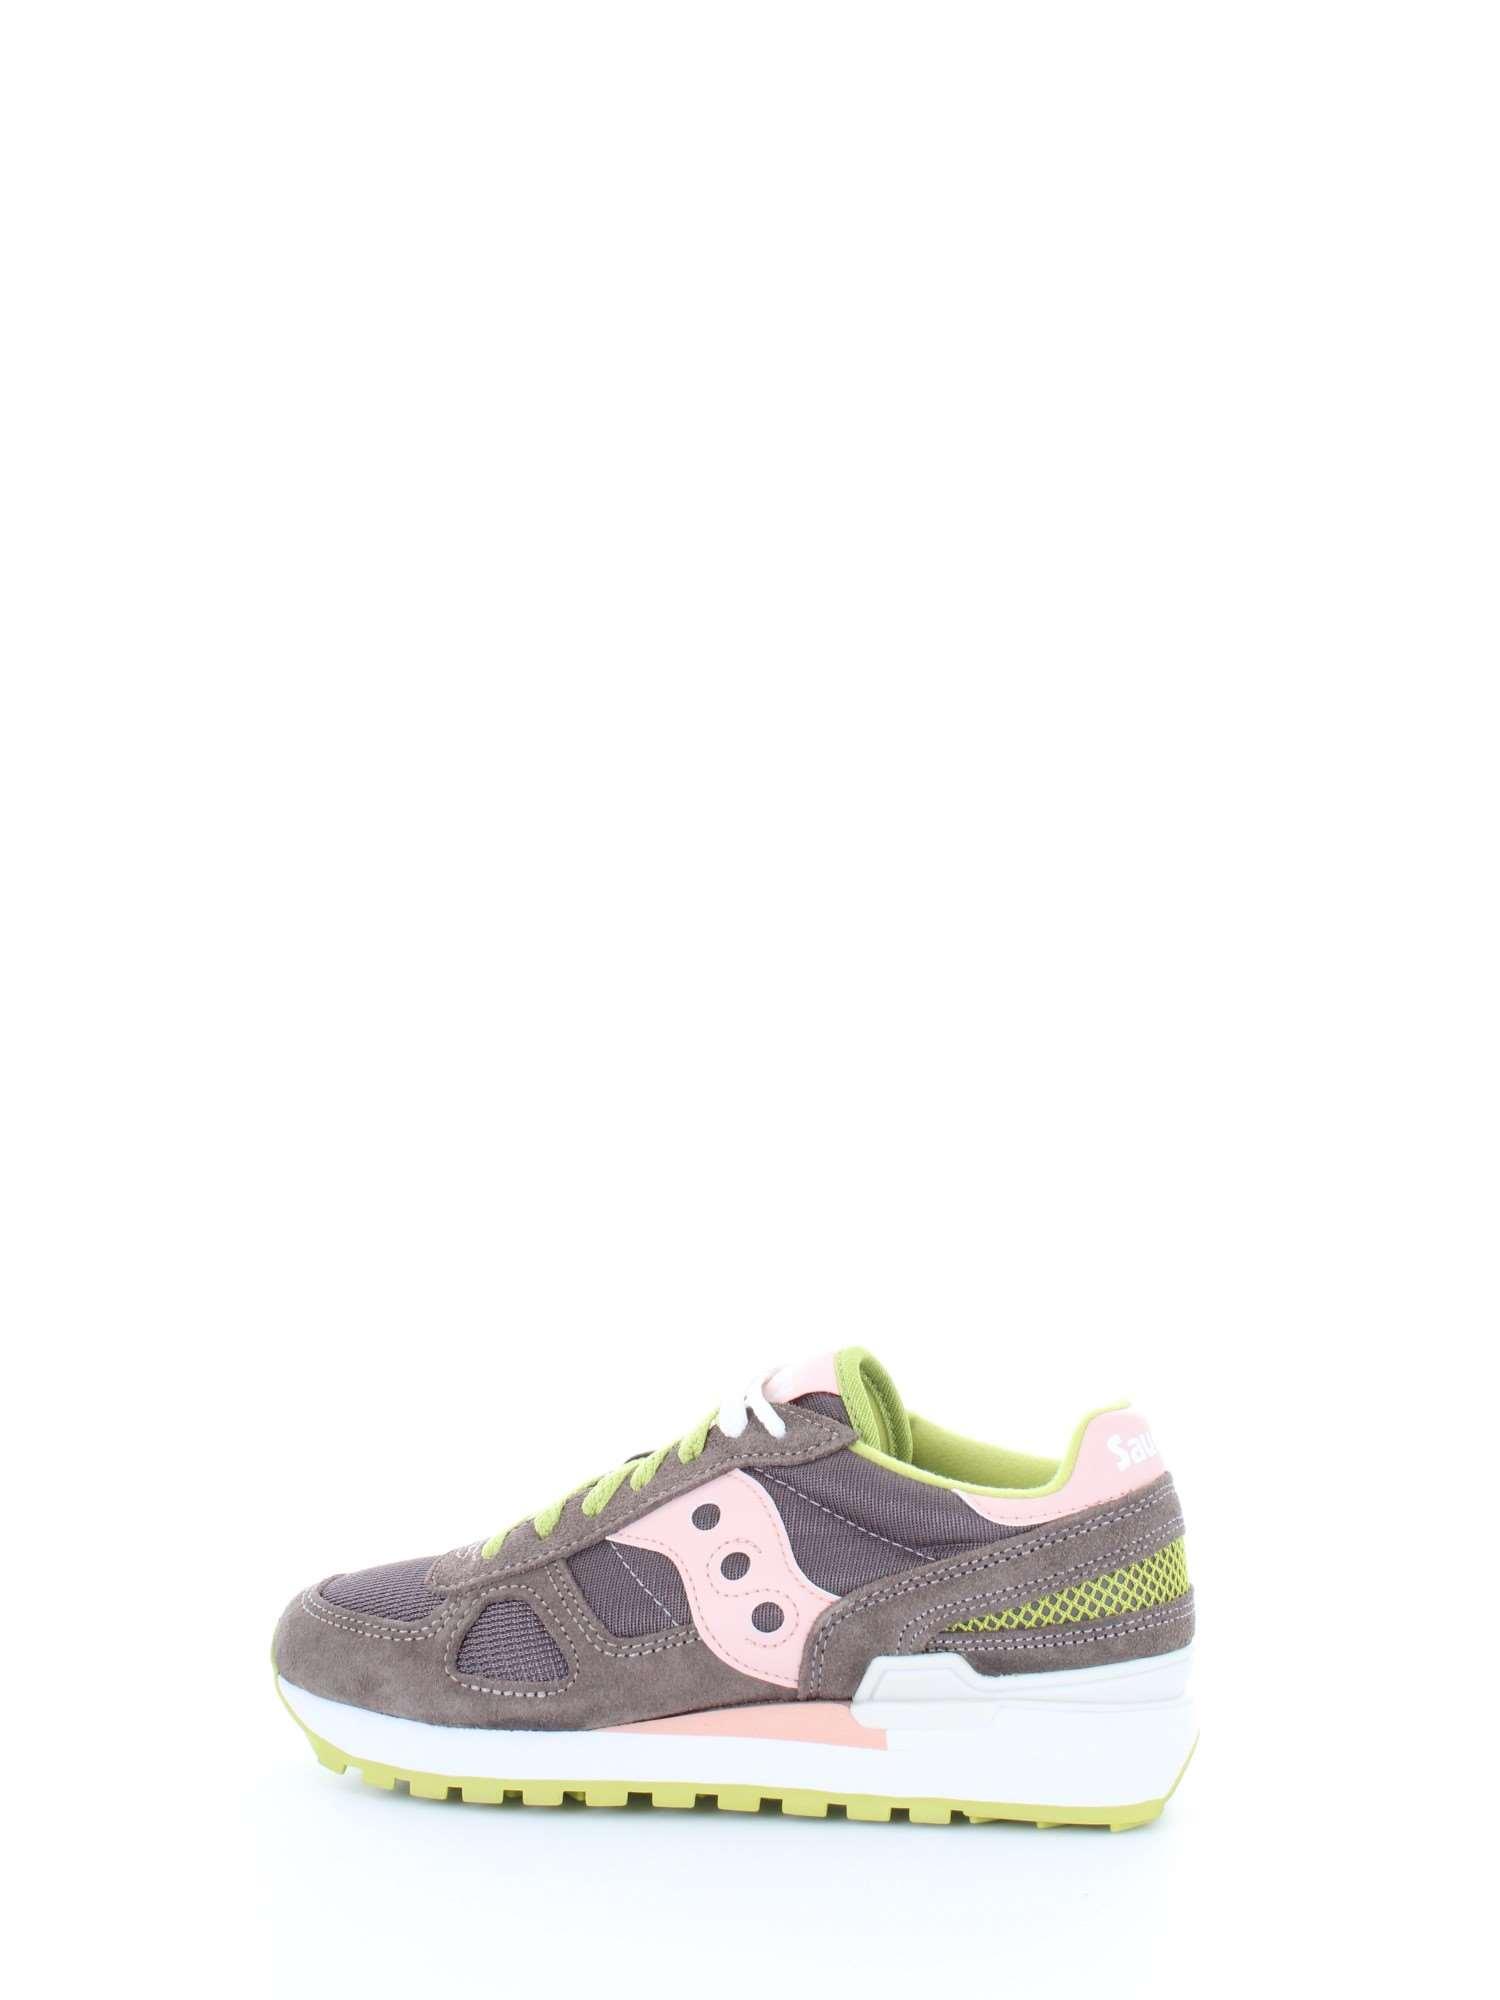 Zapatillas Shadow mujer 1108 Otoño Invierno grises para 672 Saucony 5rAwn5